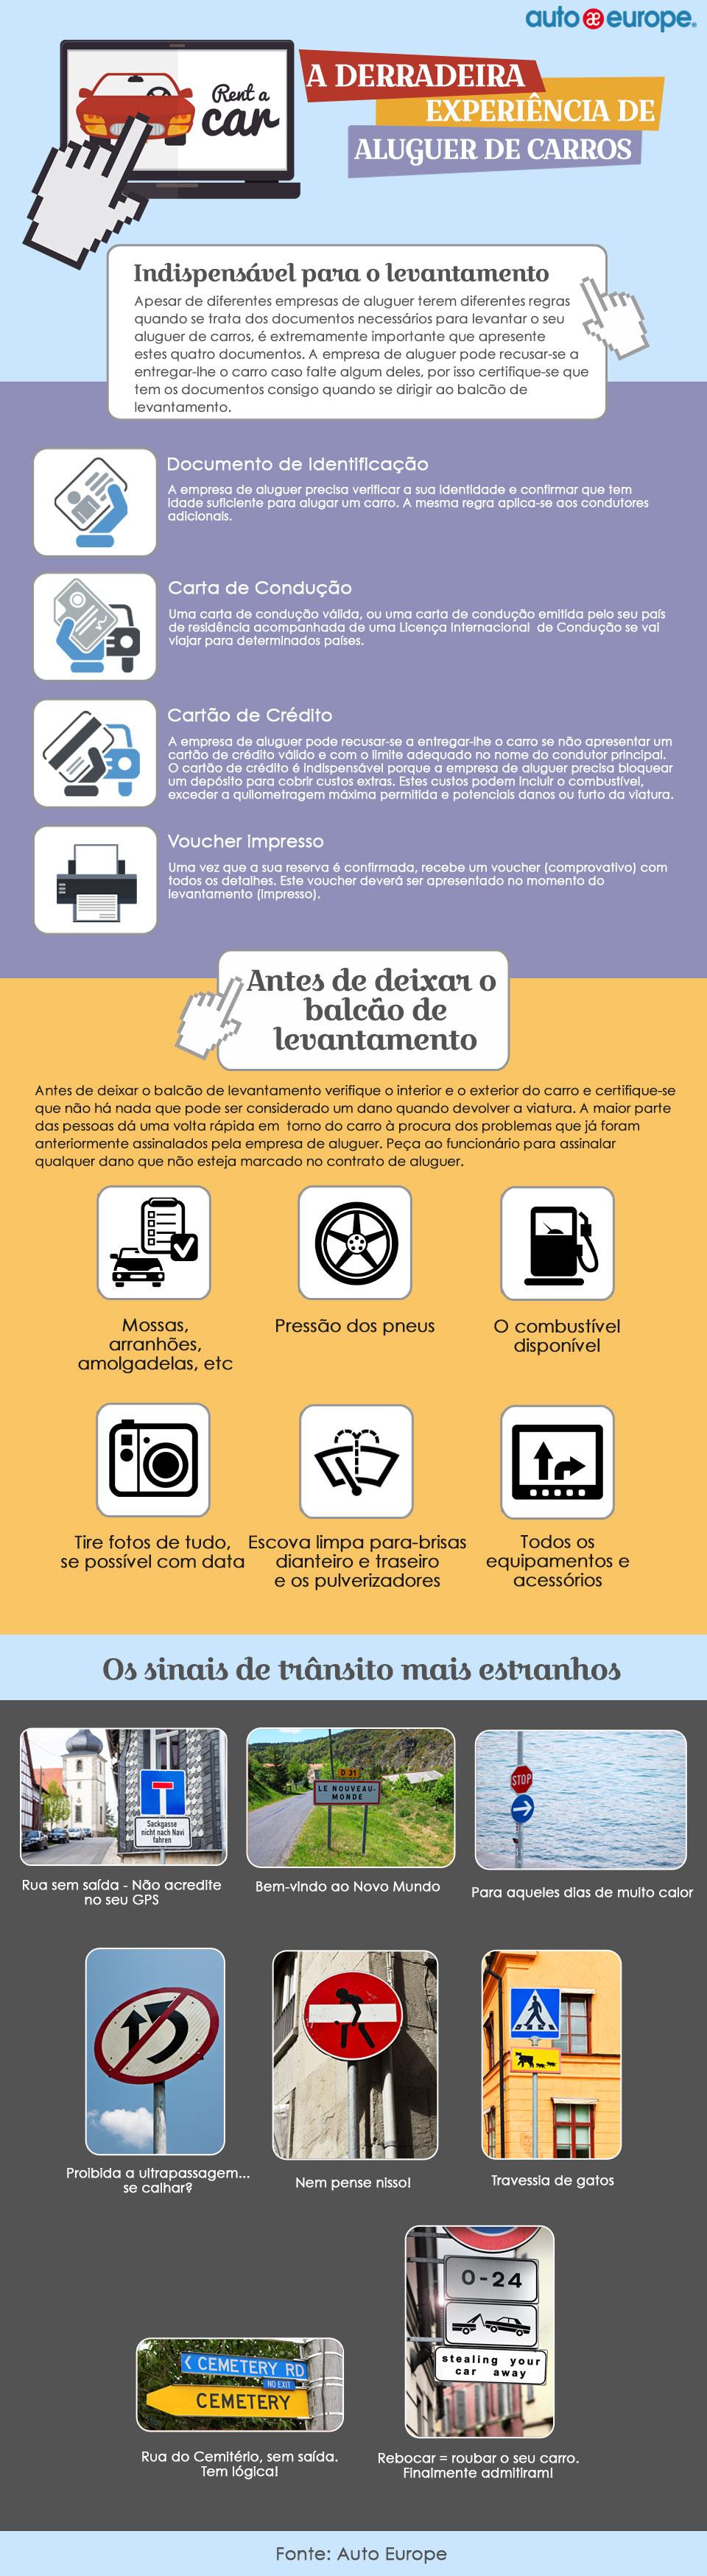 pin de auto europe portugal em auto europe infogr ficos pinterest aluguel de carros aluguel. Black Bedroom Furniture Sets. Home Design Ideas